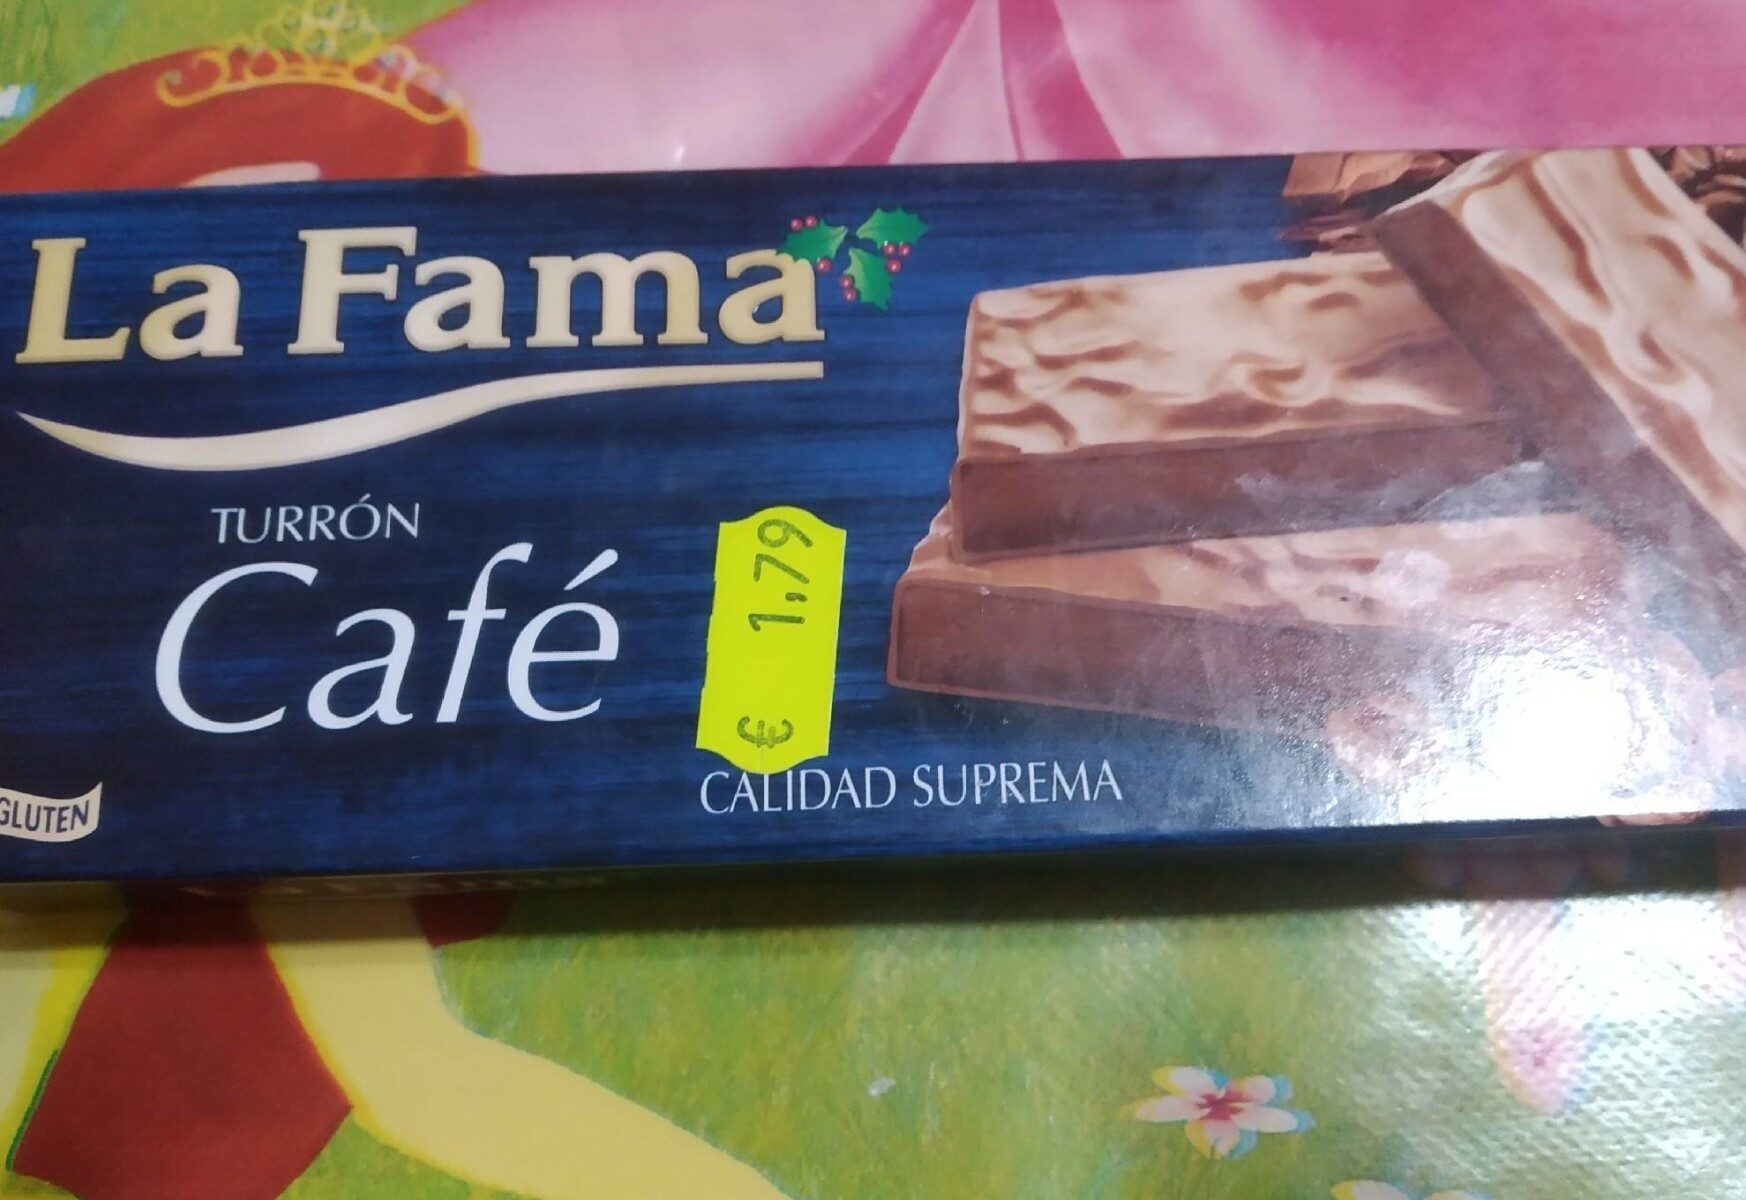 La Fama turrón cafe - Product - es